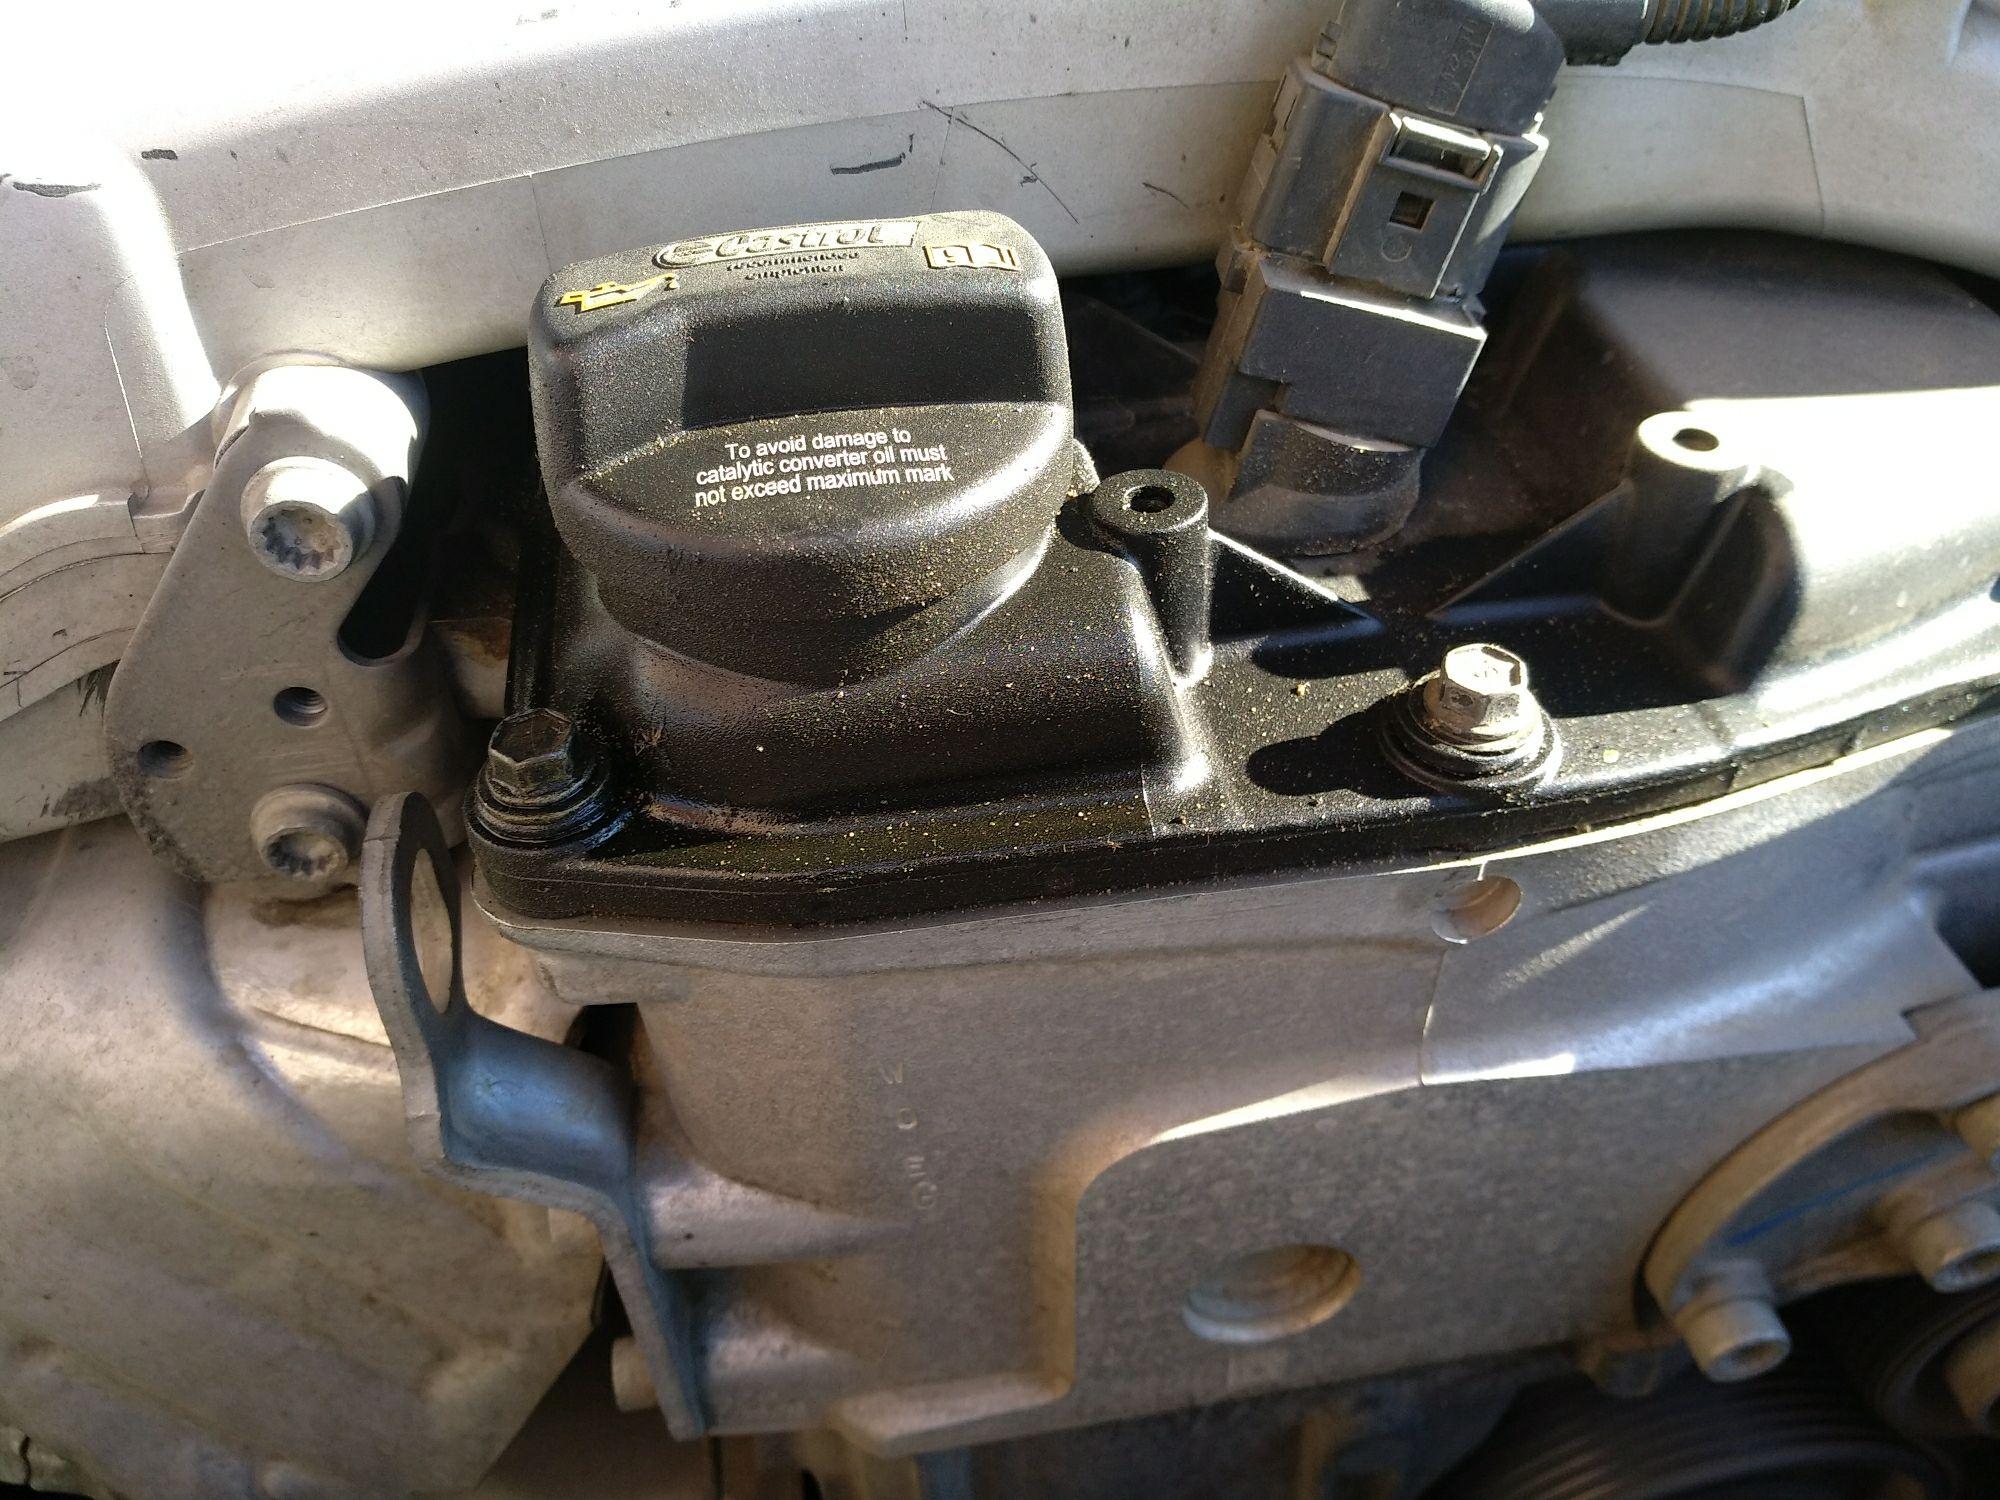 编号 检查项 结果 编号 检查项 结果 1 气门室盖垫 渗液 2 发动机缸